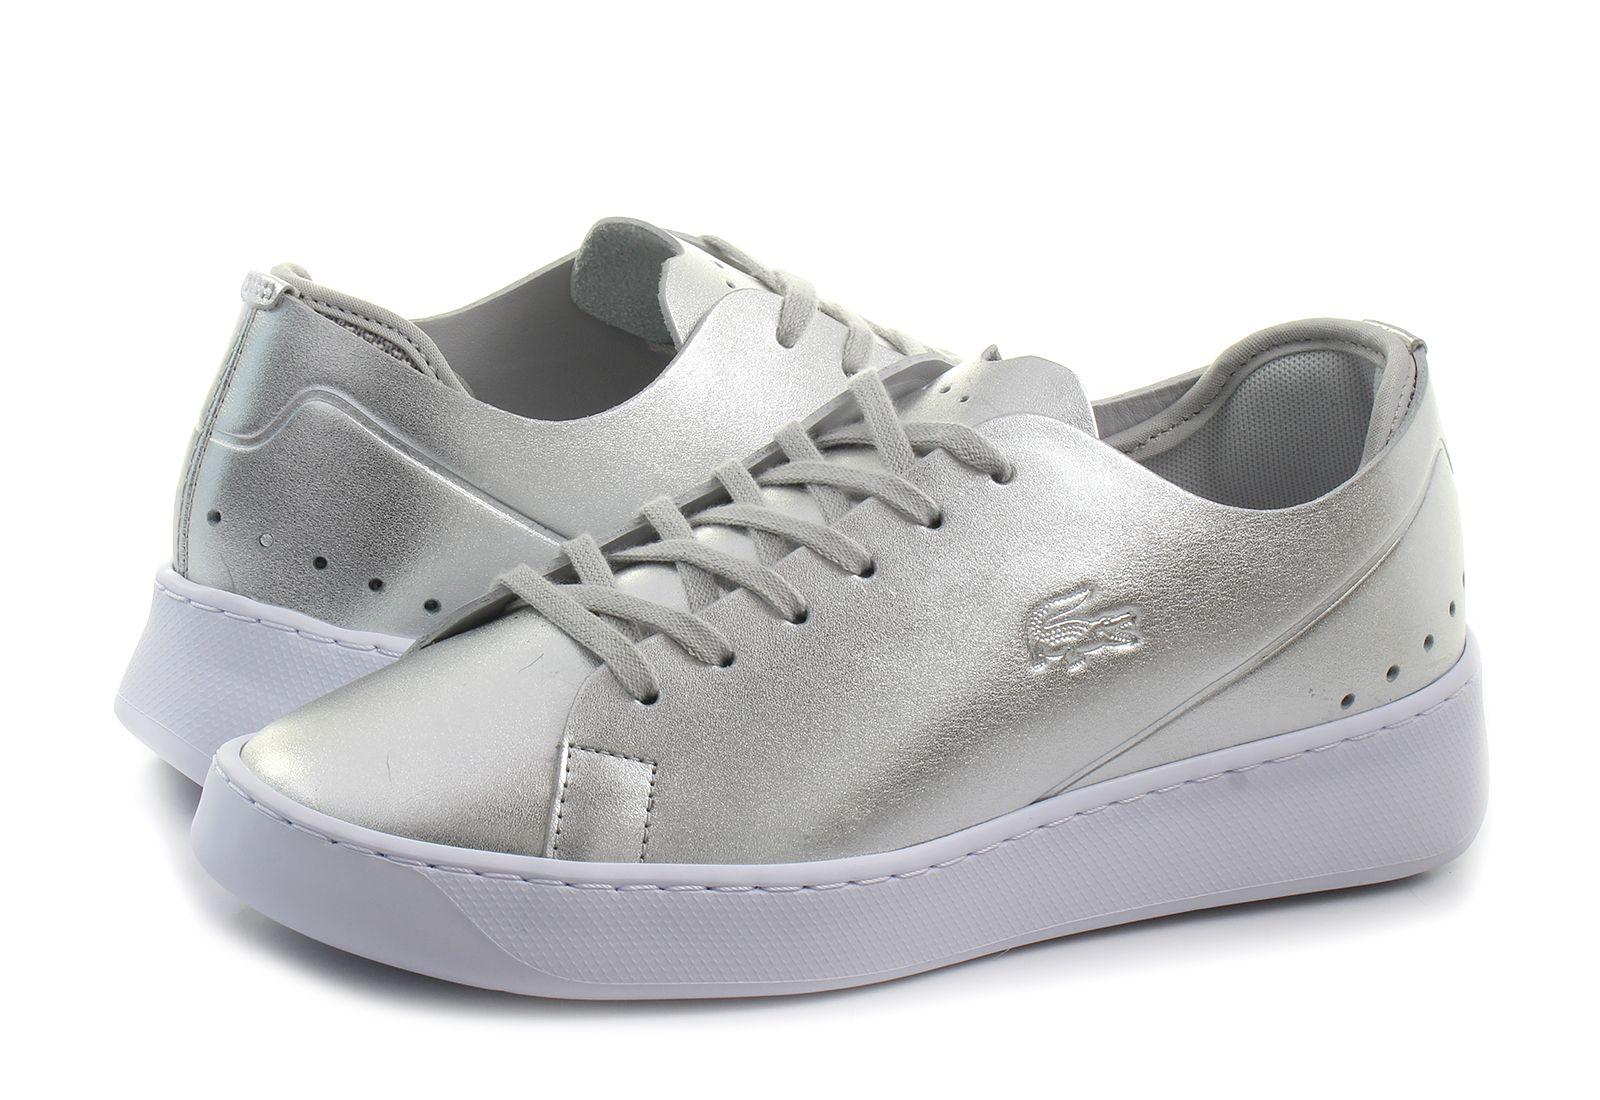 Lacoste Cipő - Eyyla - 173CAW0011-166 - Office Shoes Magyarország b9a43854b8